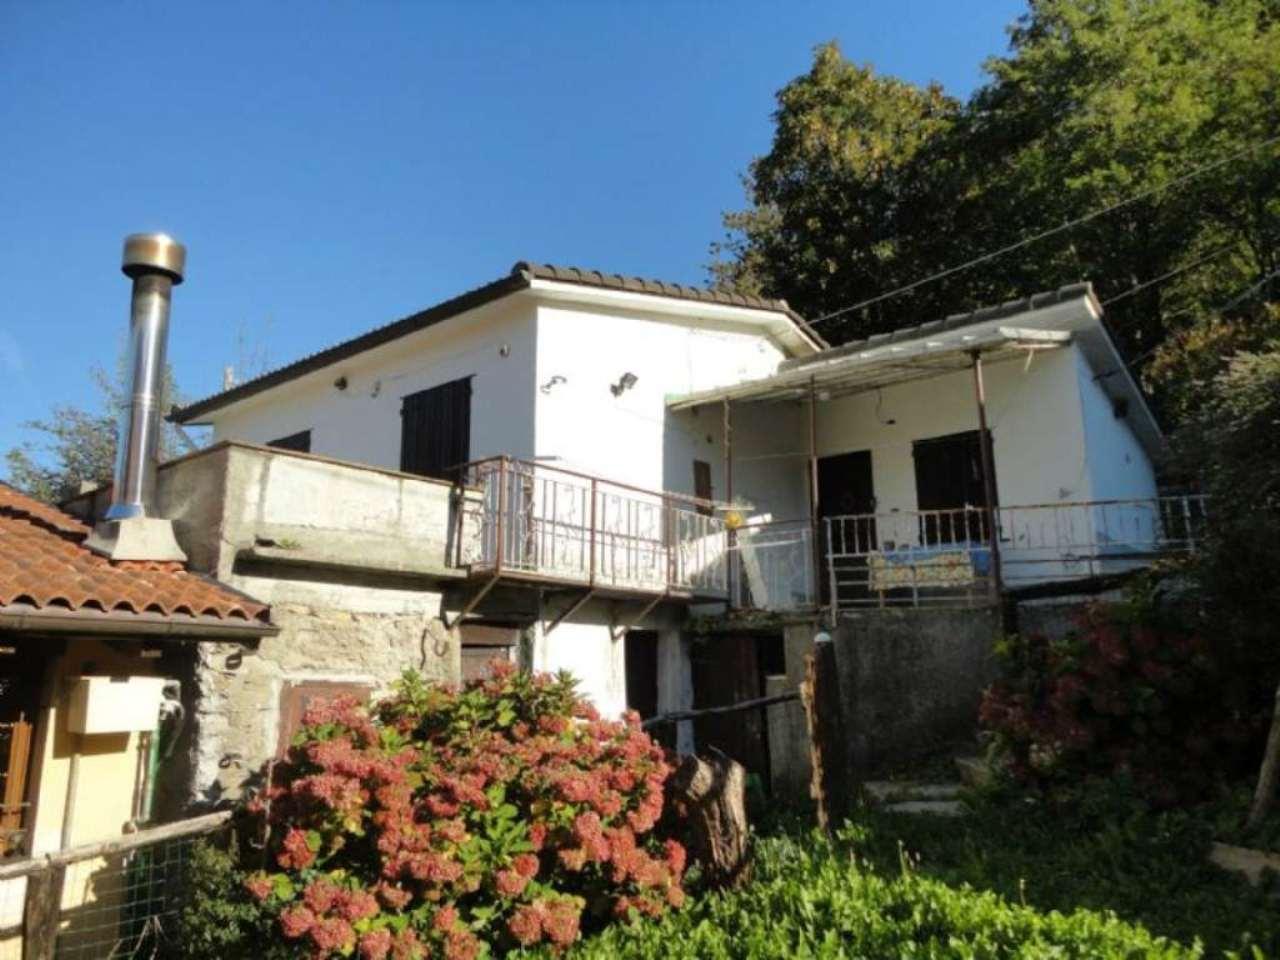 Soluzione Indipendente in vendita a Uscio, 4 locali, prezzo € 170.000 | Cambio Casa.it